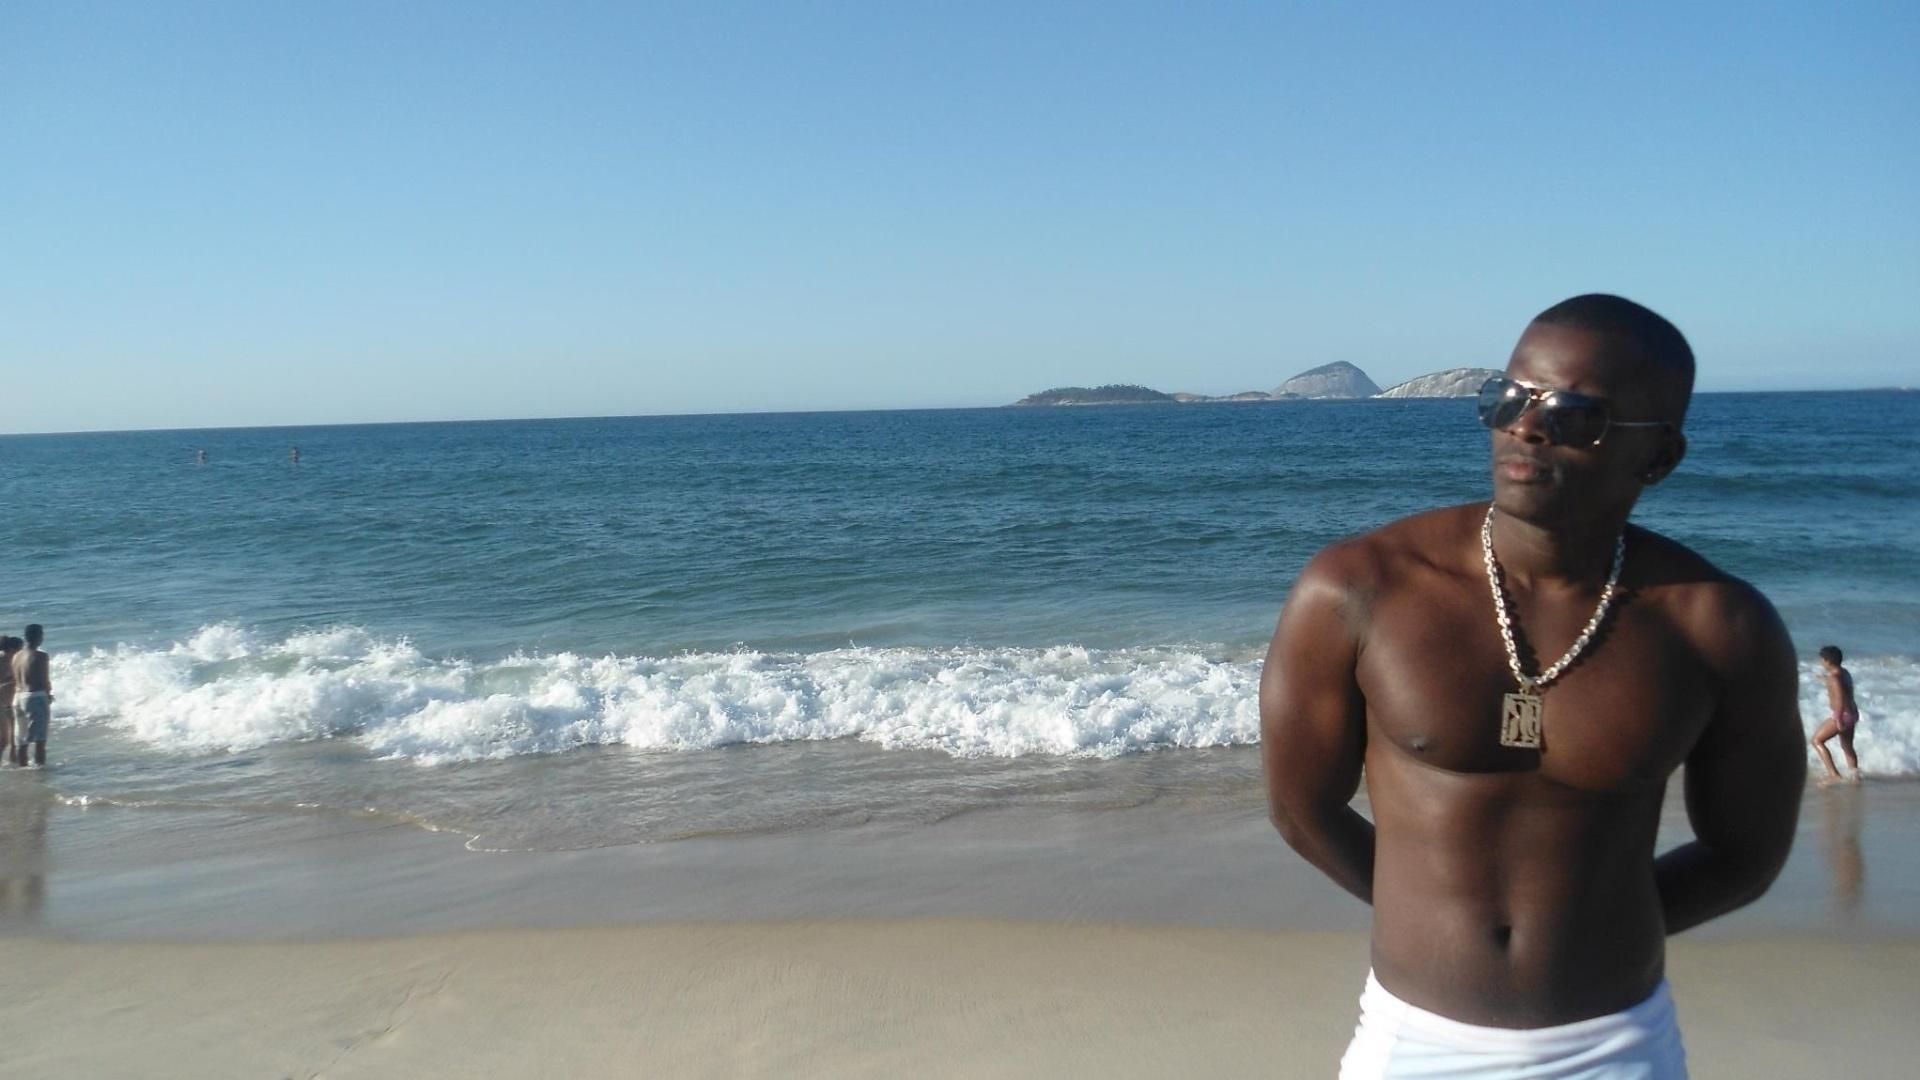 O peão Raphael Machado trabalha como Técnico de Refrigeração no Complexo do Alemão, no Rio de Janeiro. Nas horas vagas, Machado costuma aproveitar a praia e assistir shows de funk